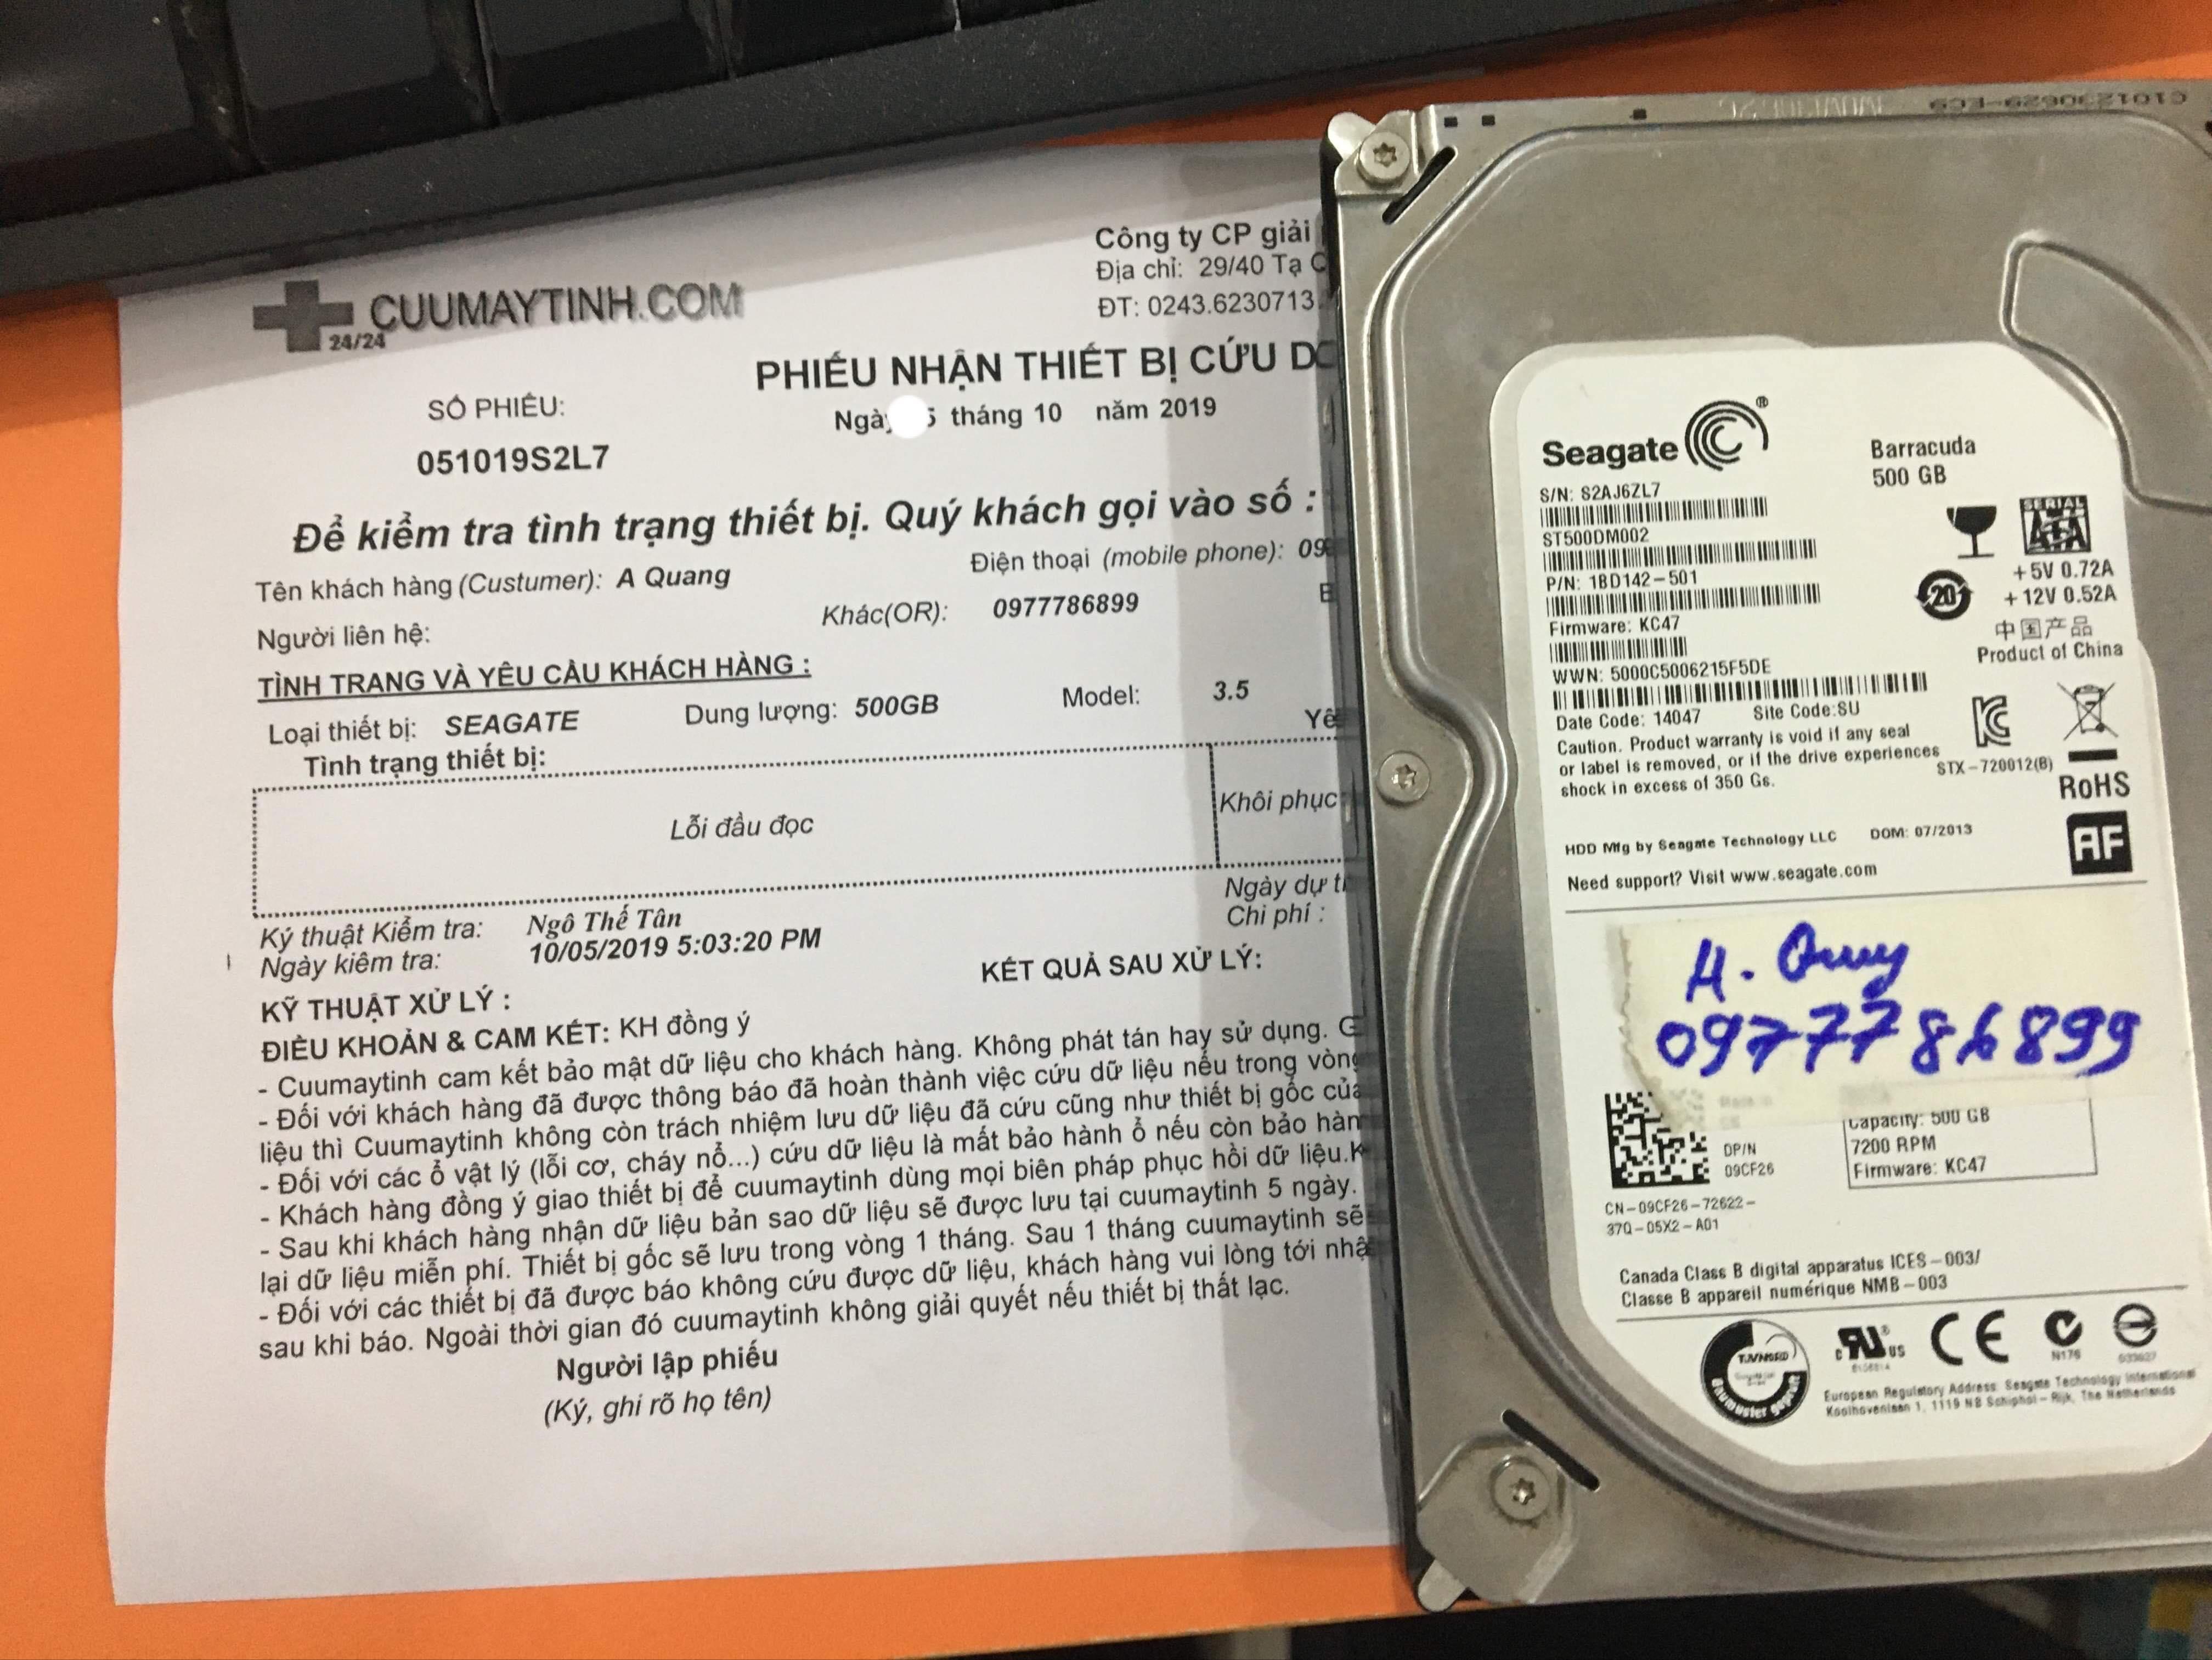 Khôi phục dữ liệu ổ cứng Seagate 500GB lỗi đầu đọc 15/10/2019 - cuumaytinh